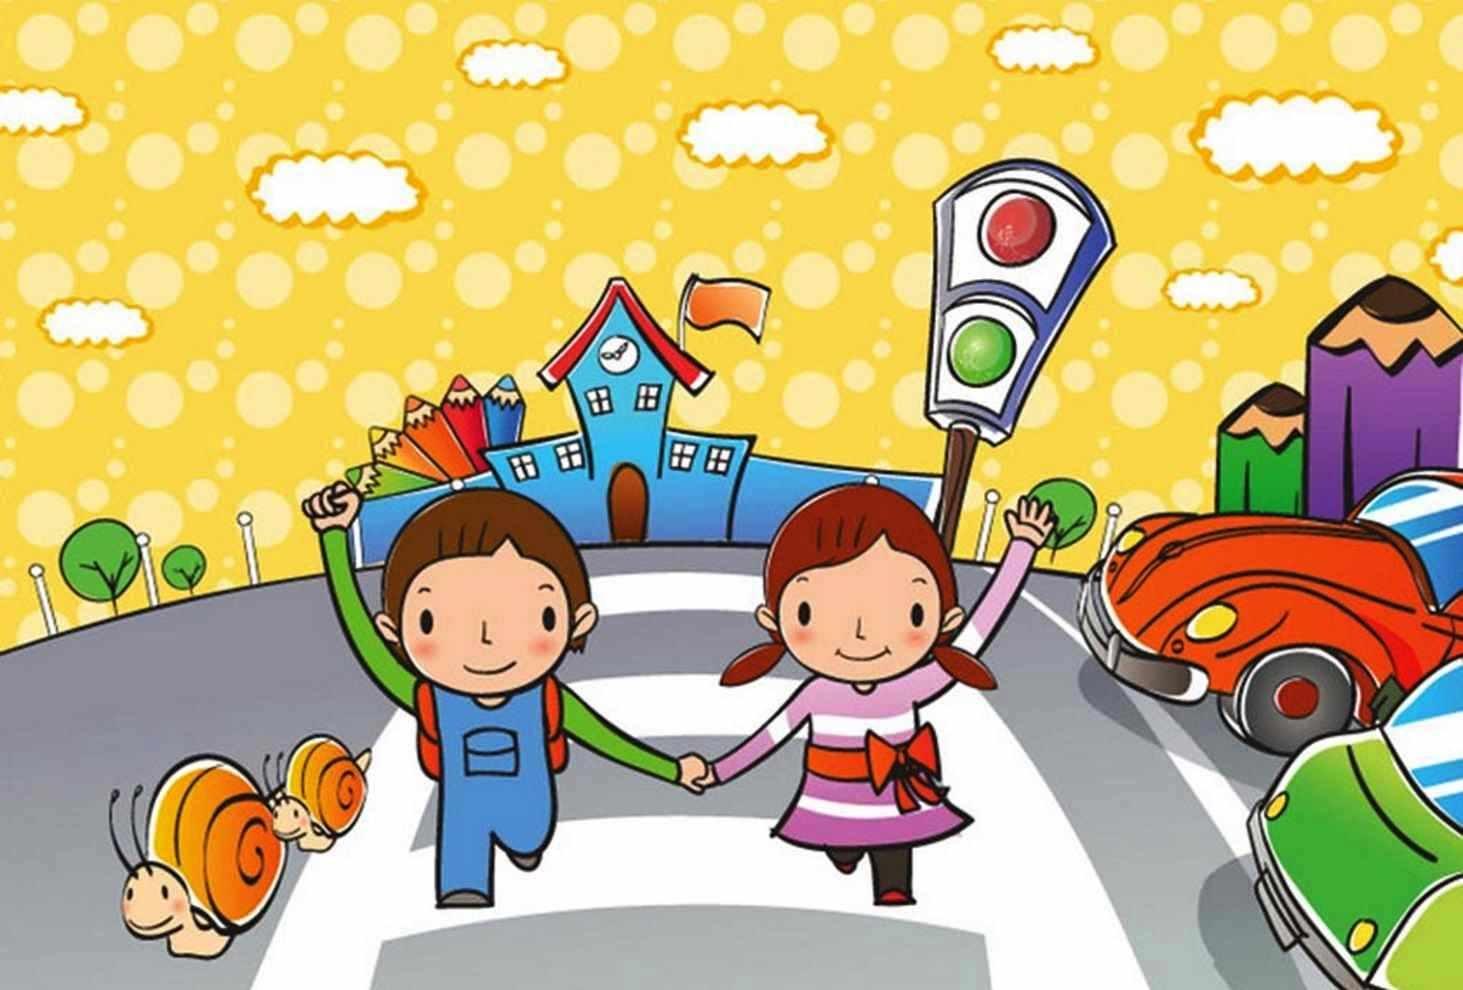 С 24 по 31 августа пройдет республиканская акция «Детям Хакасии- безопасные дороги»